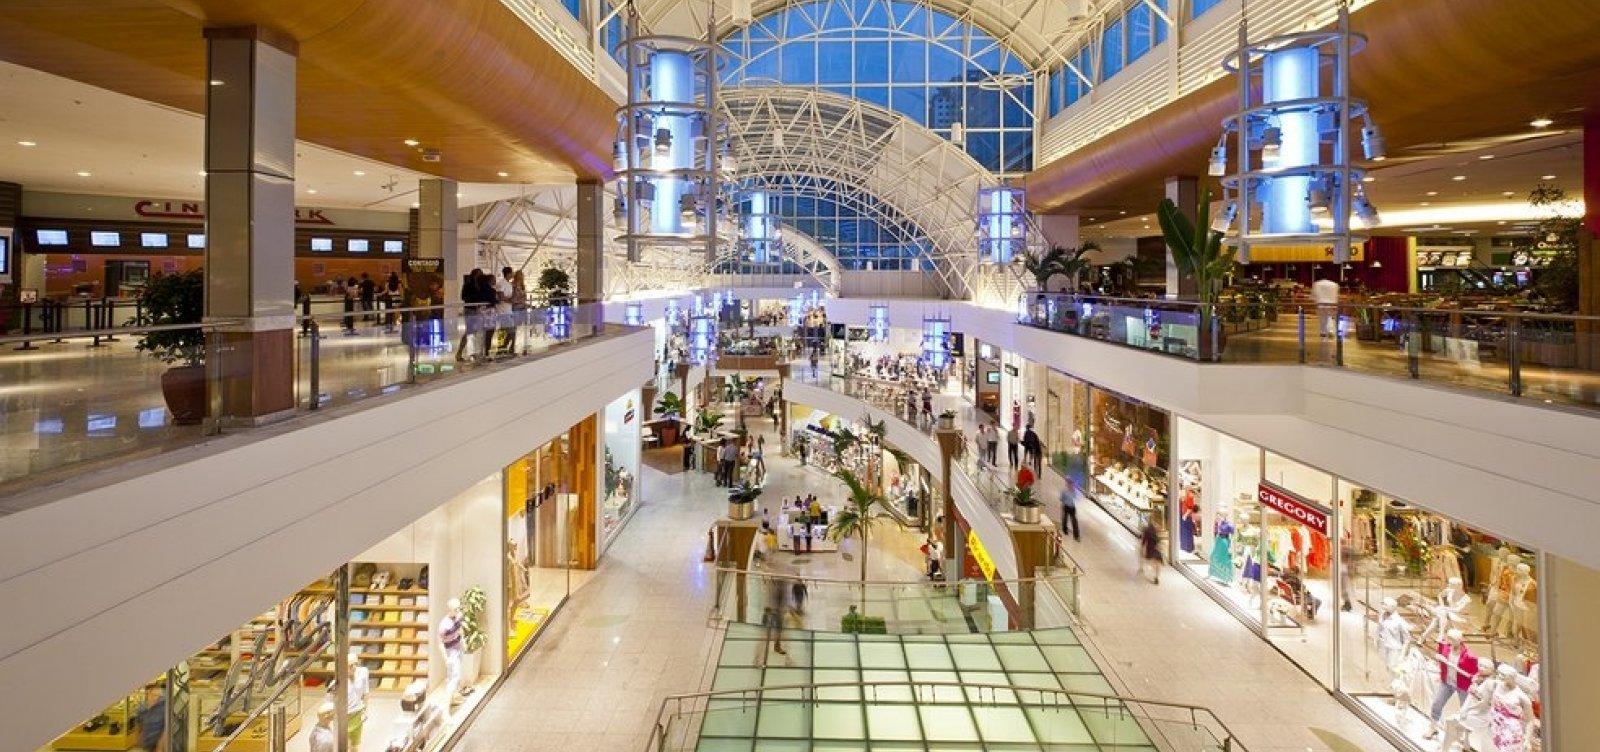 Semana Santa: confira o horário de funcionamento dos shoppings em Salvador